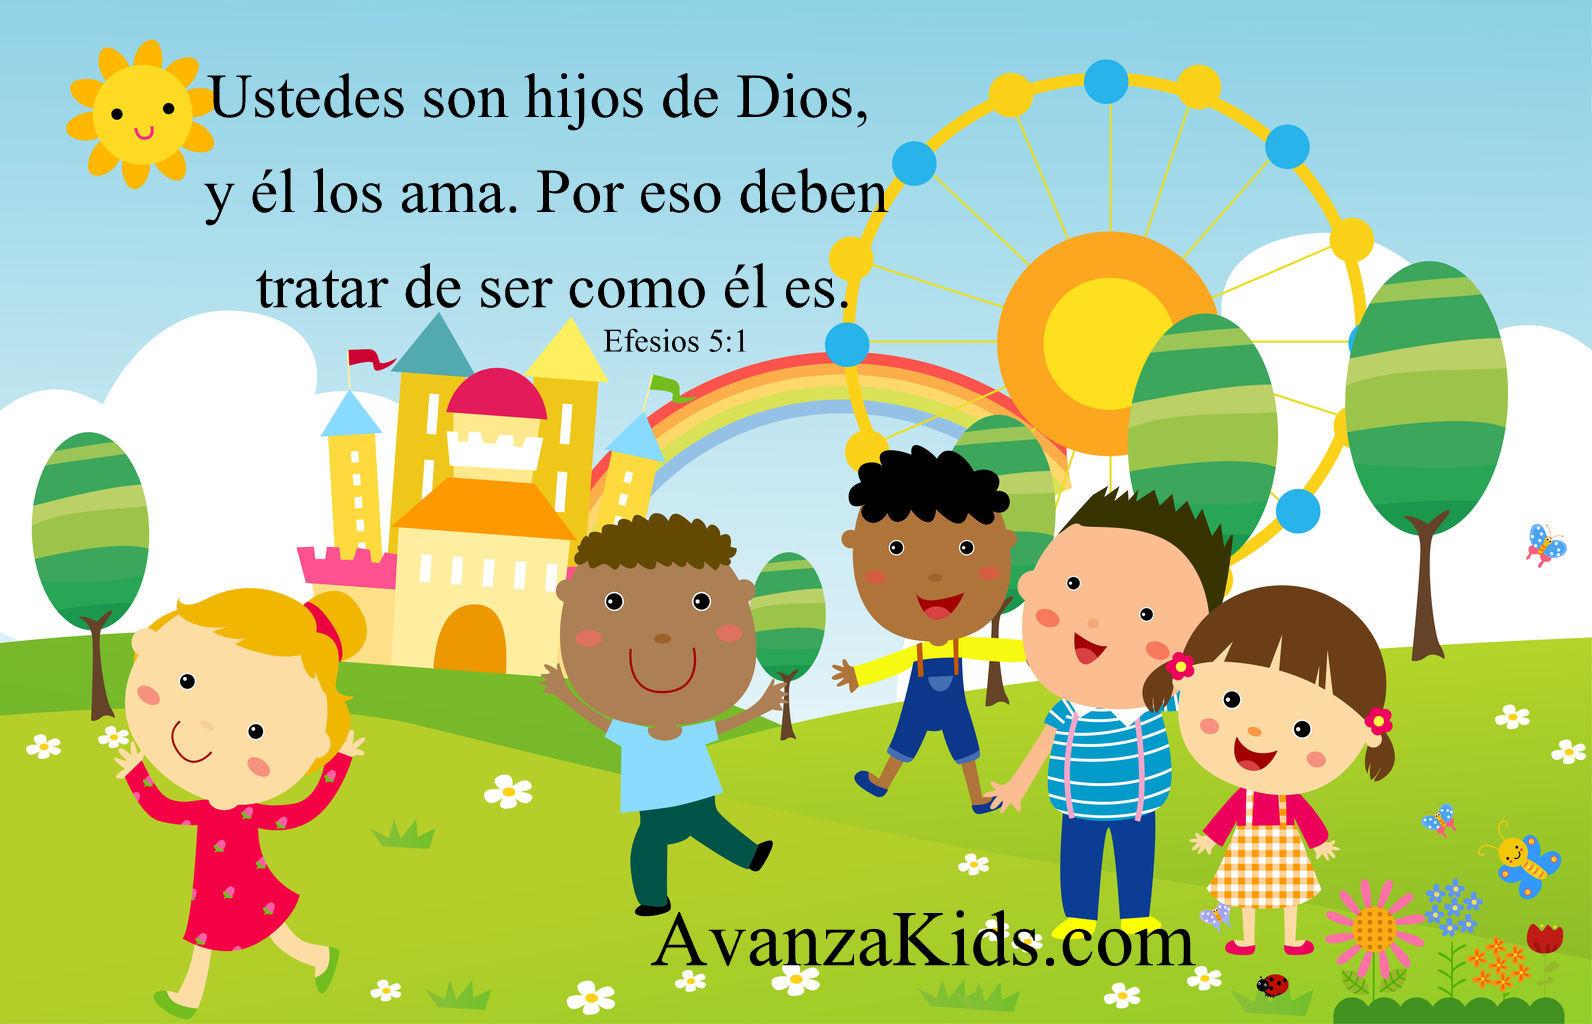 Imagenes cristianas para niños con versiculos | Avanza Por Más ...